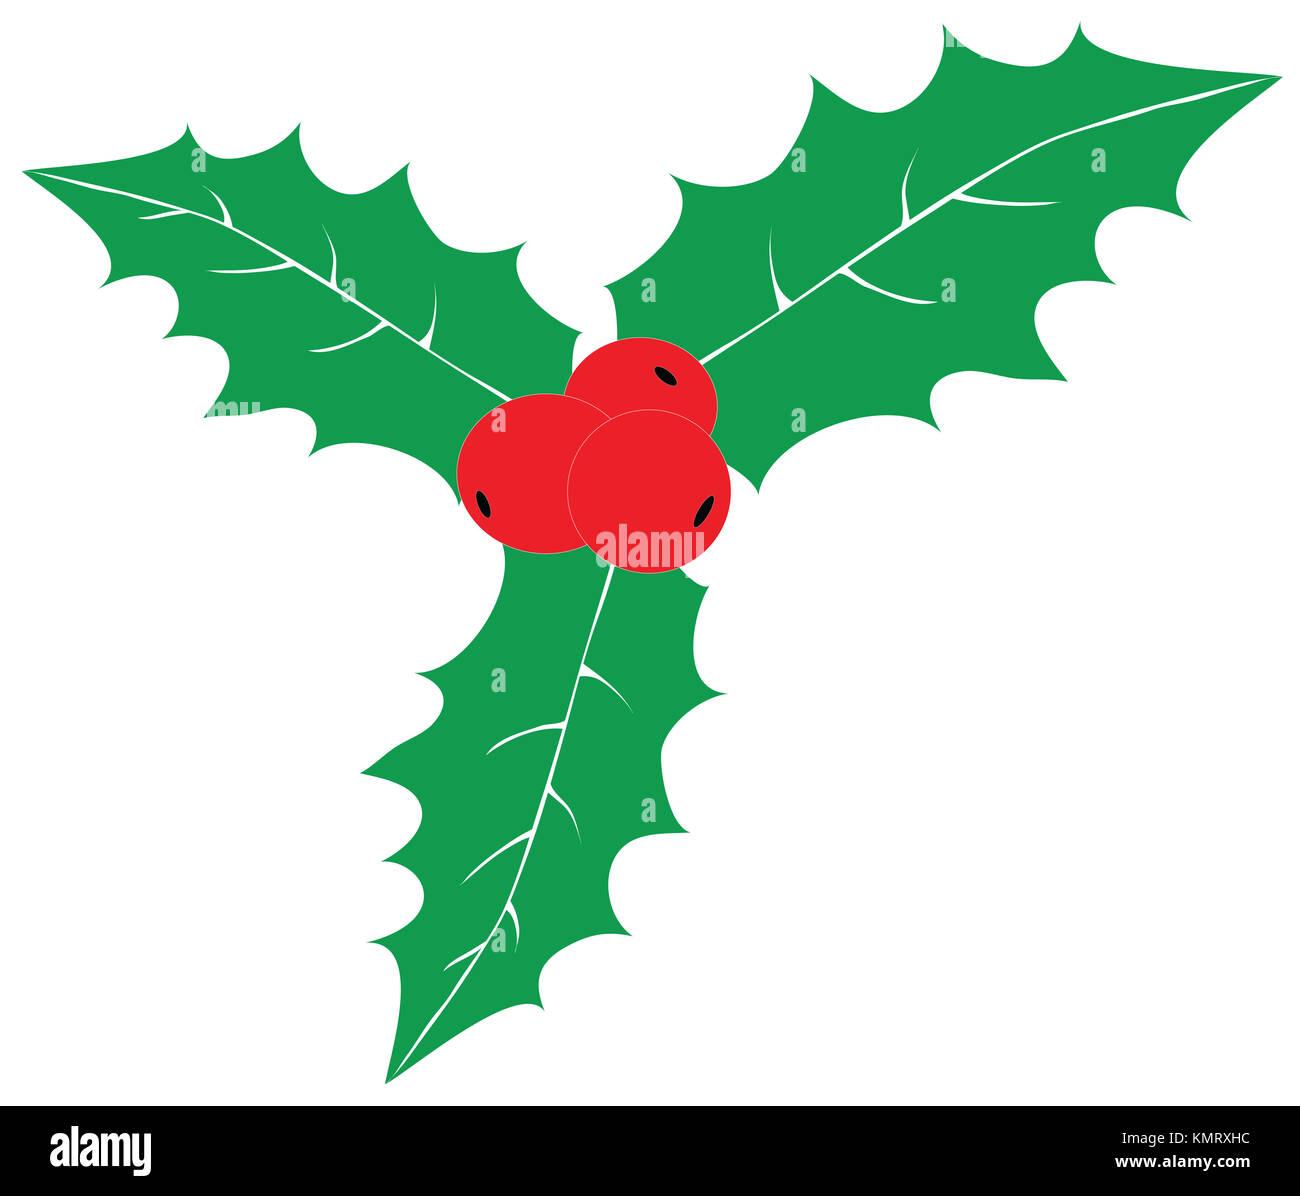 Navidad rojo bayas de acebo con hojas verdes aislado sobre fondo blanco. Ornamento tradicional de Navidad iconos Imagen De Stock